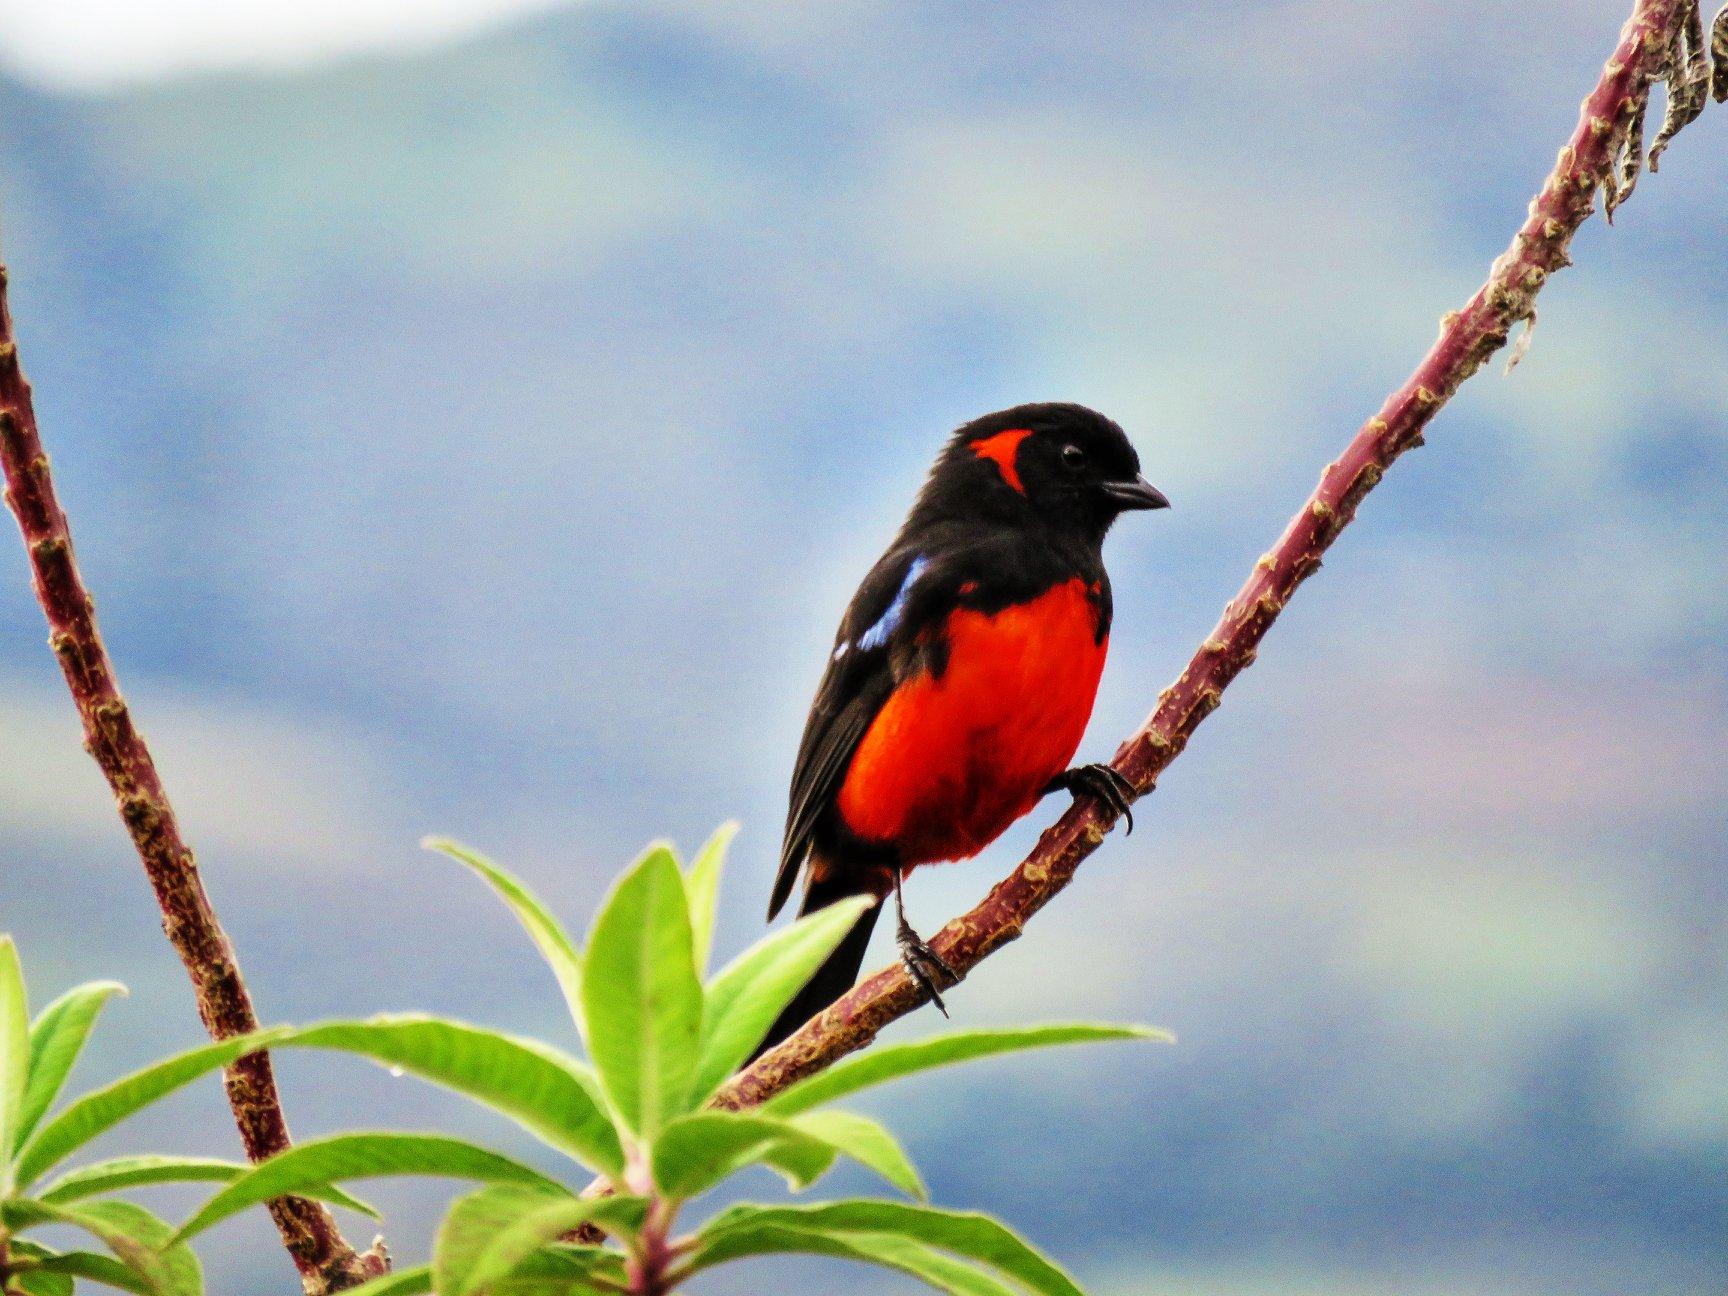 Celendín, en Cajamarca, fue uno de los lugares que recorrieron los observadores de aves peruanos. Foto: Aves del Perú.